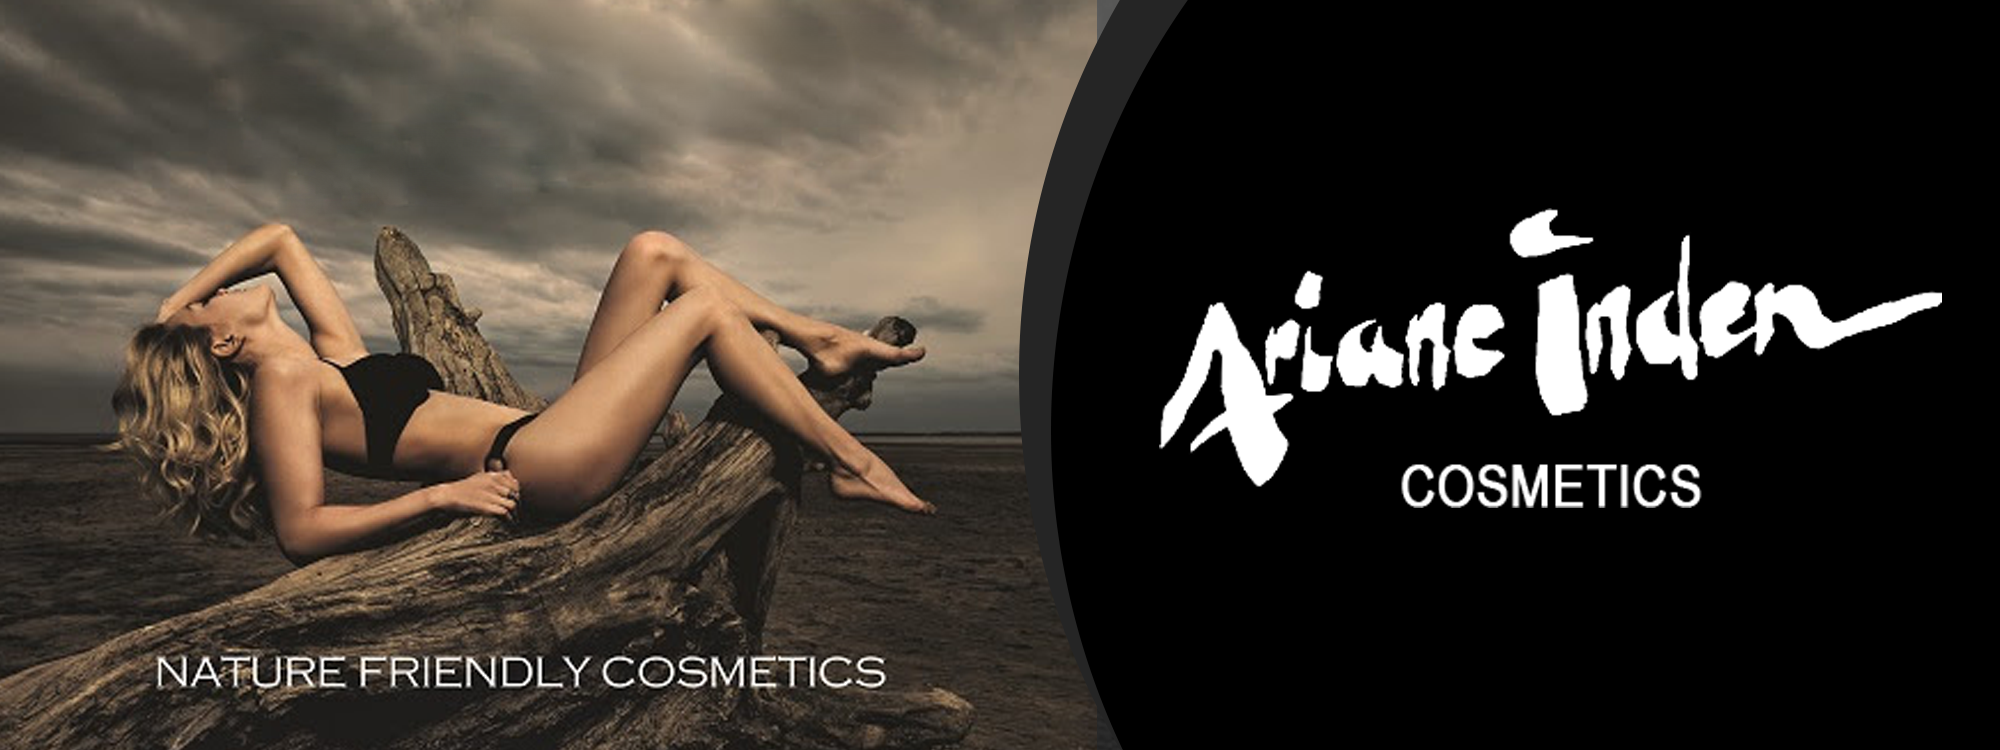 Ariane-Inden3